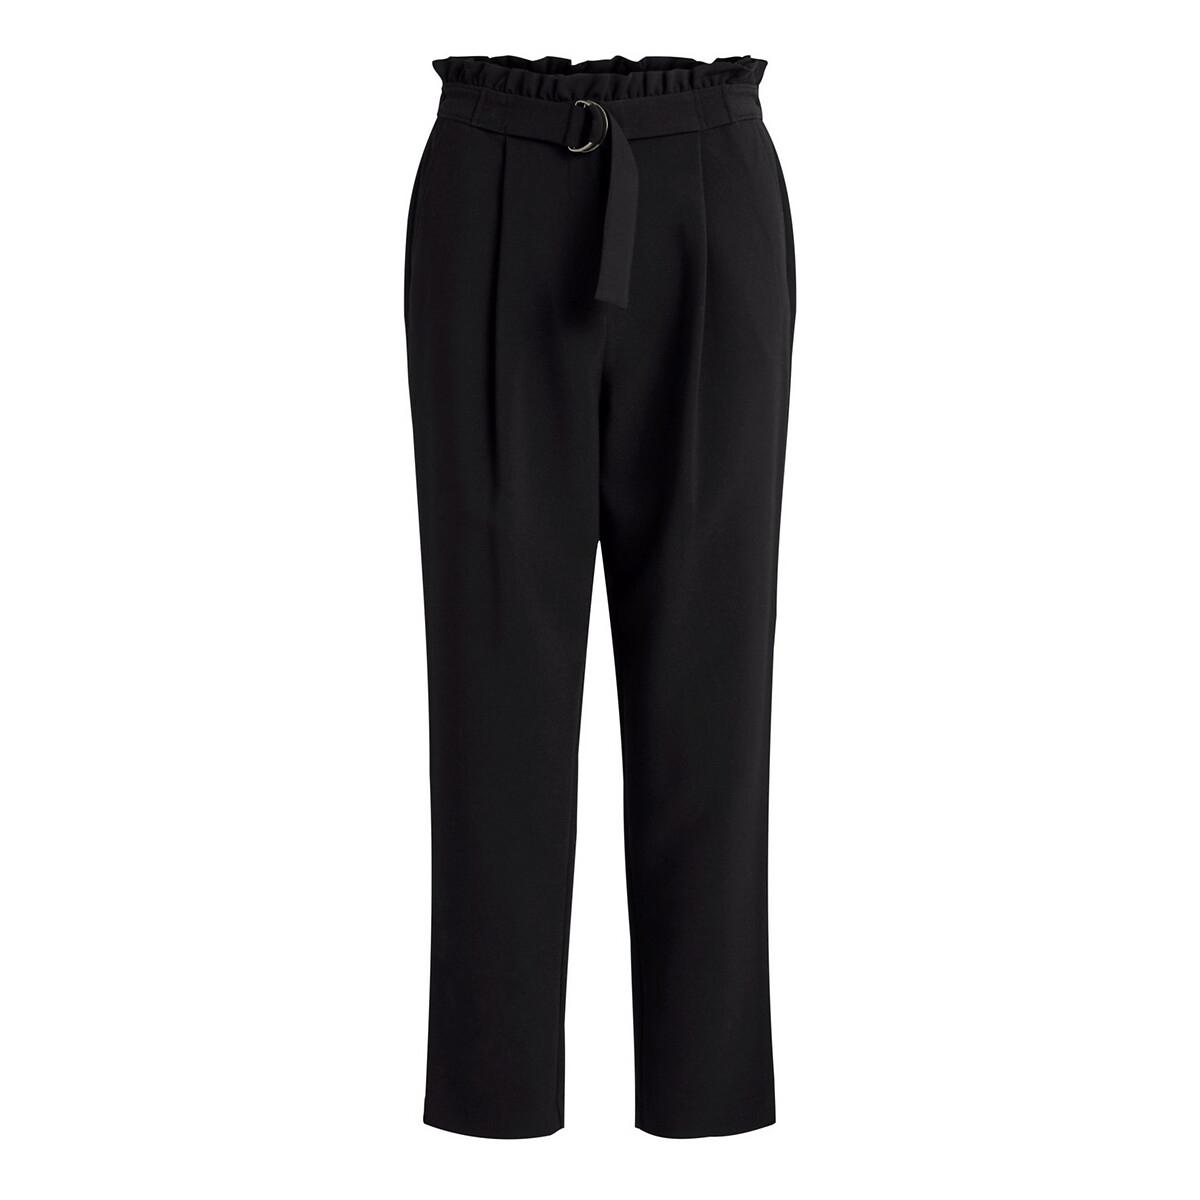 Фото - Брюки La Redoute С высоким поясом и ремешком 38 (FR) - 44 (RUS) черный брюки la redoute из денима с высоким поясом 34 fr 40 rus зеленый